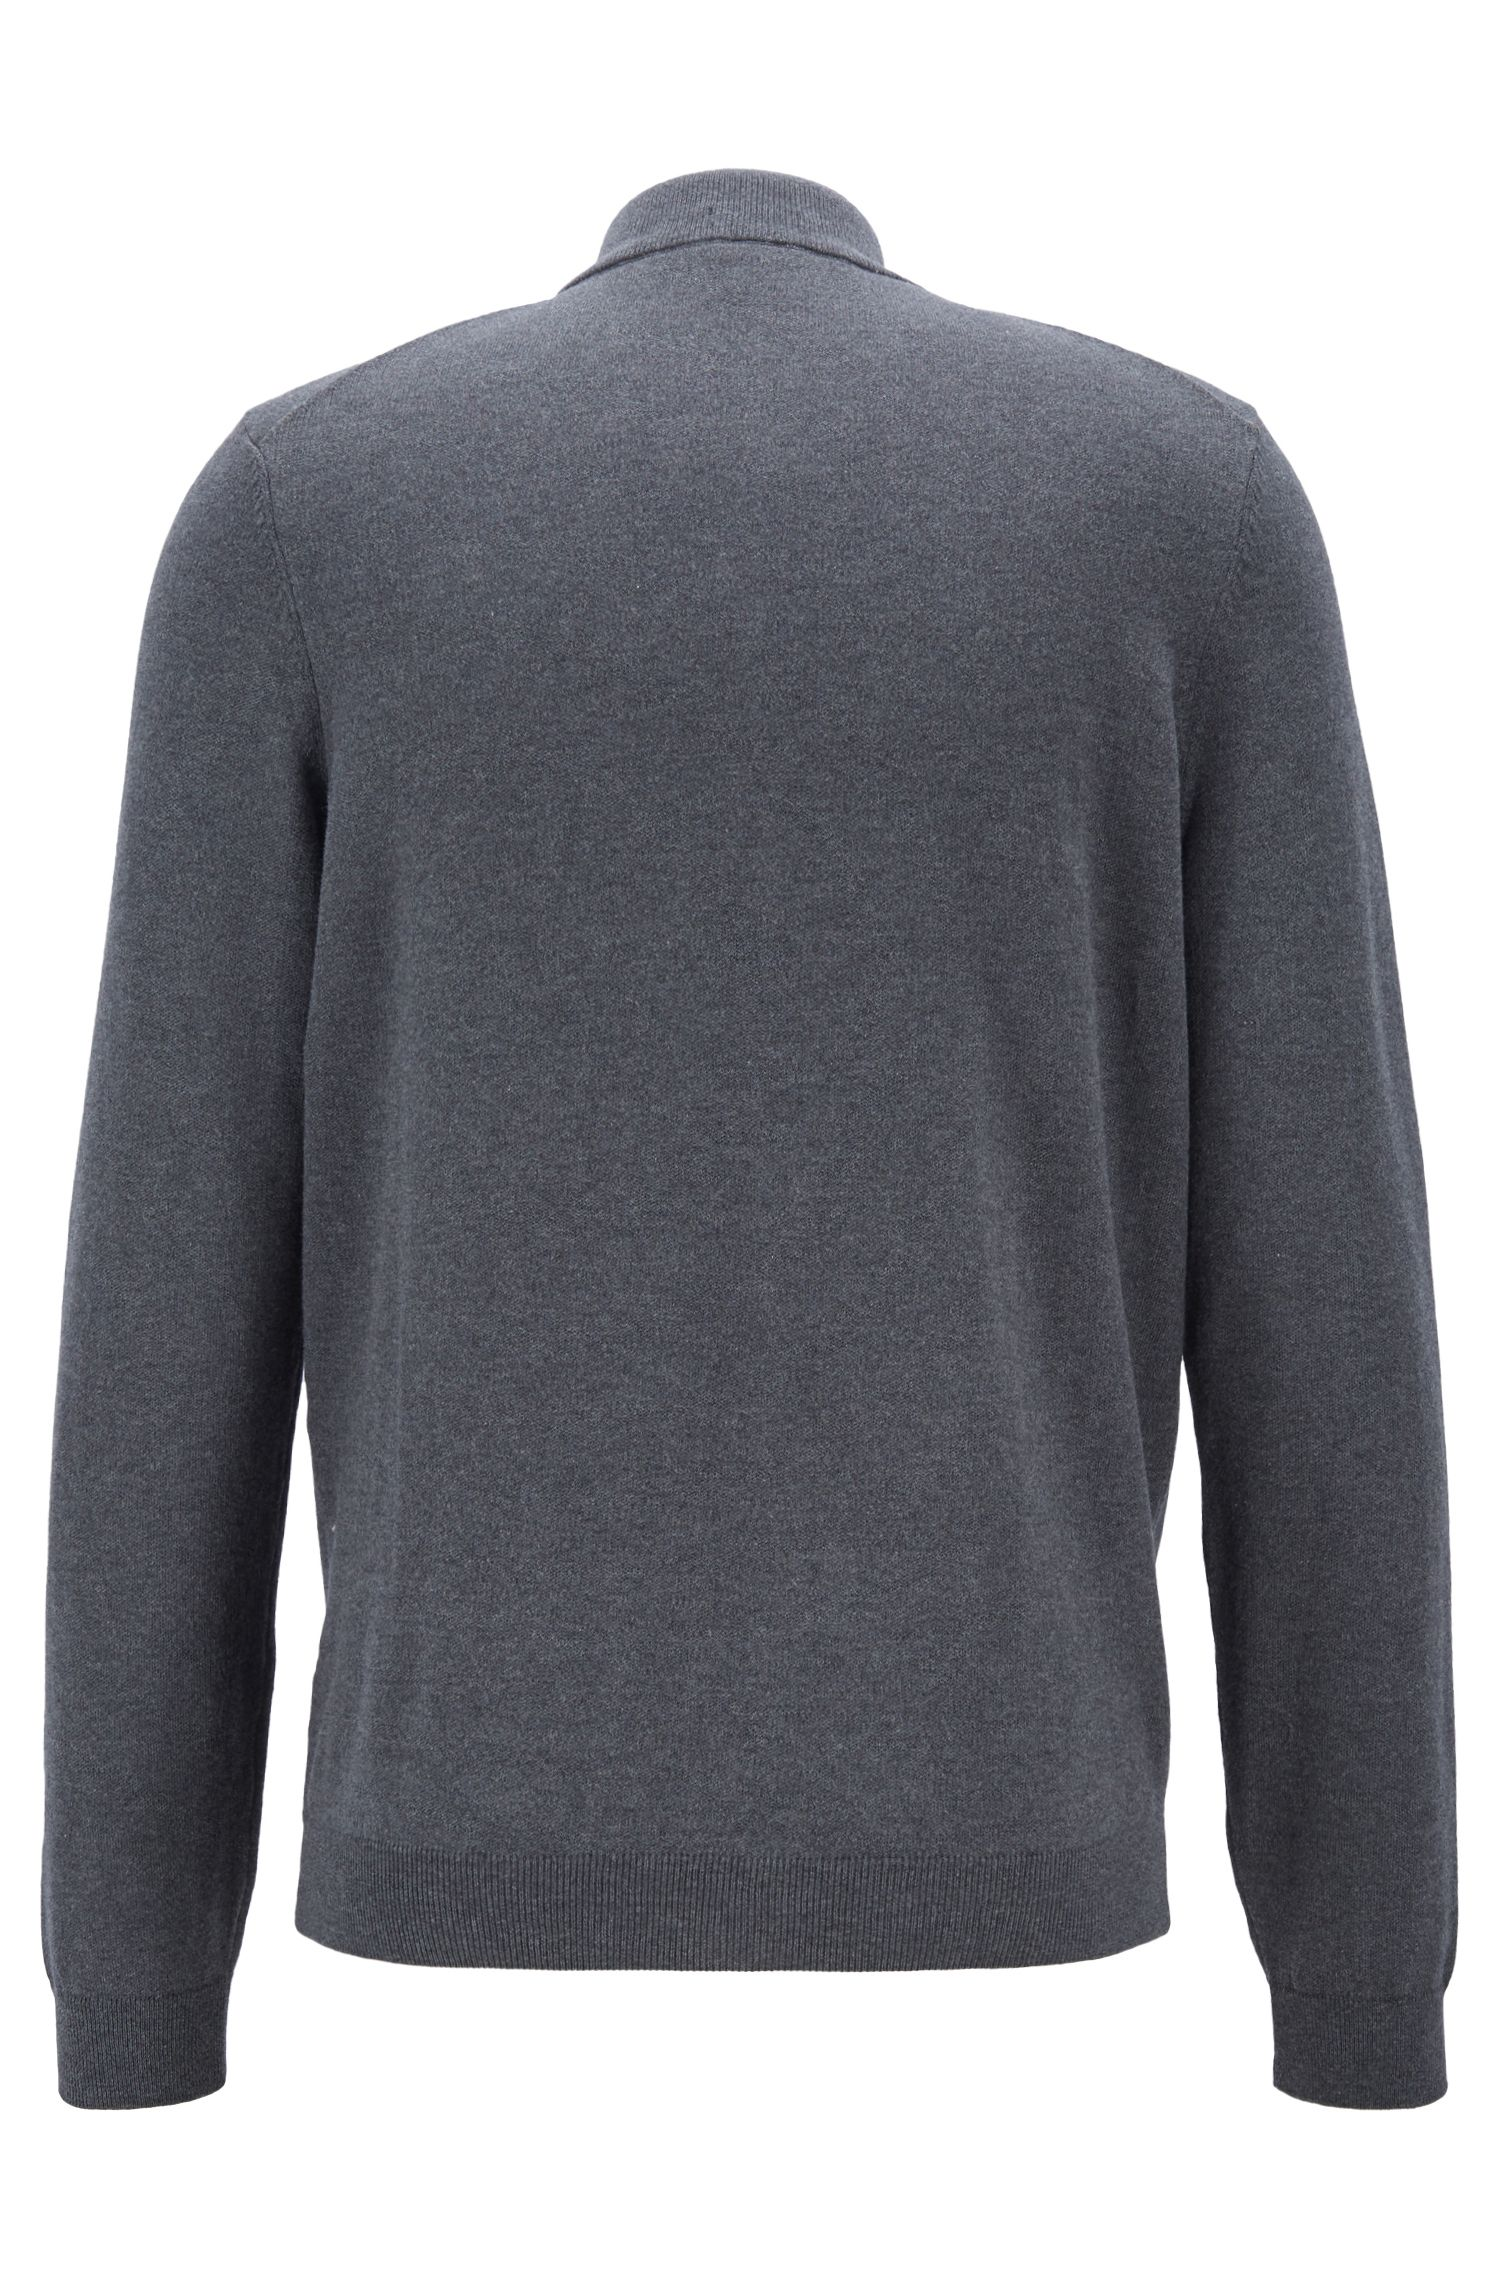 Strickjacke aus Baumwolle mit Zwei-Wege-Reißverschluss, Grau